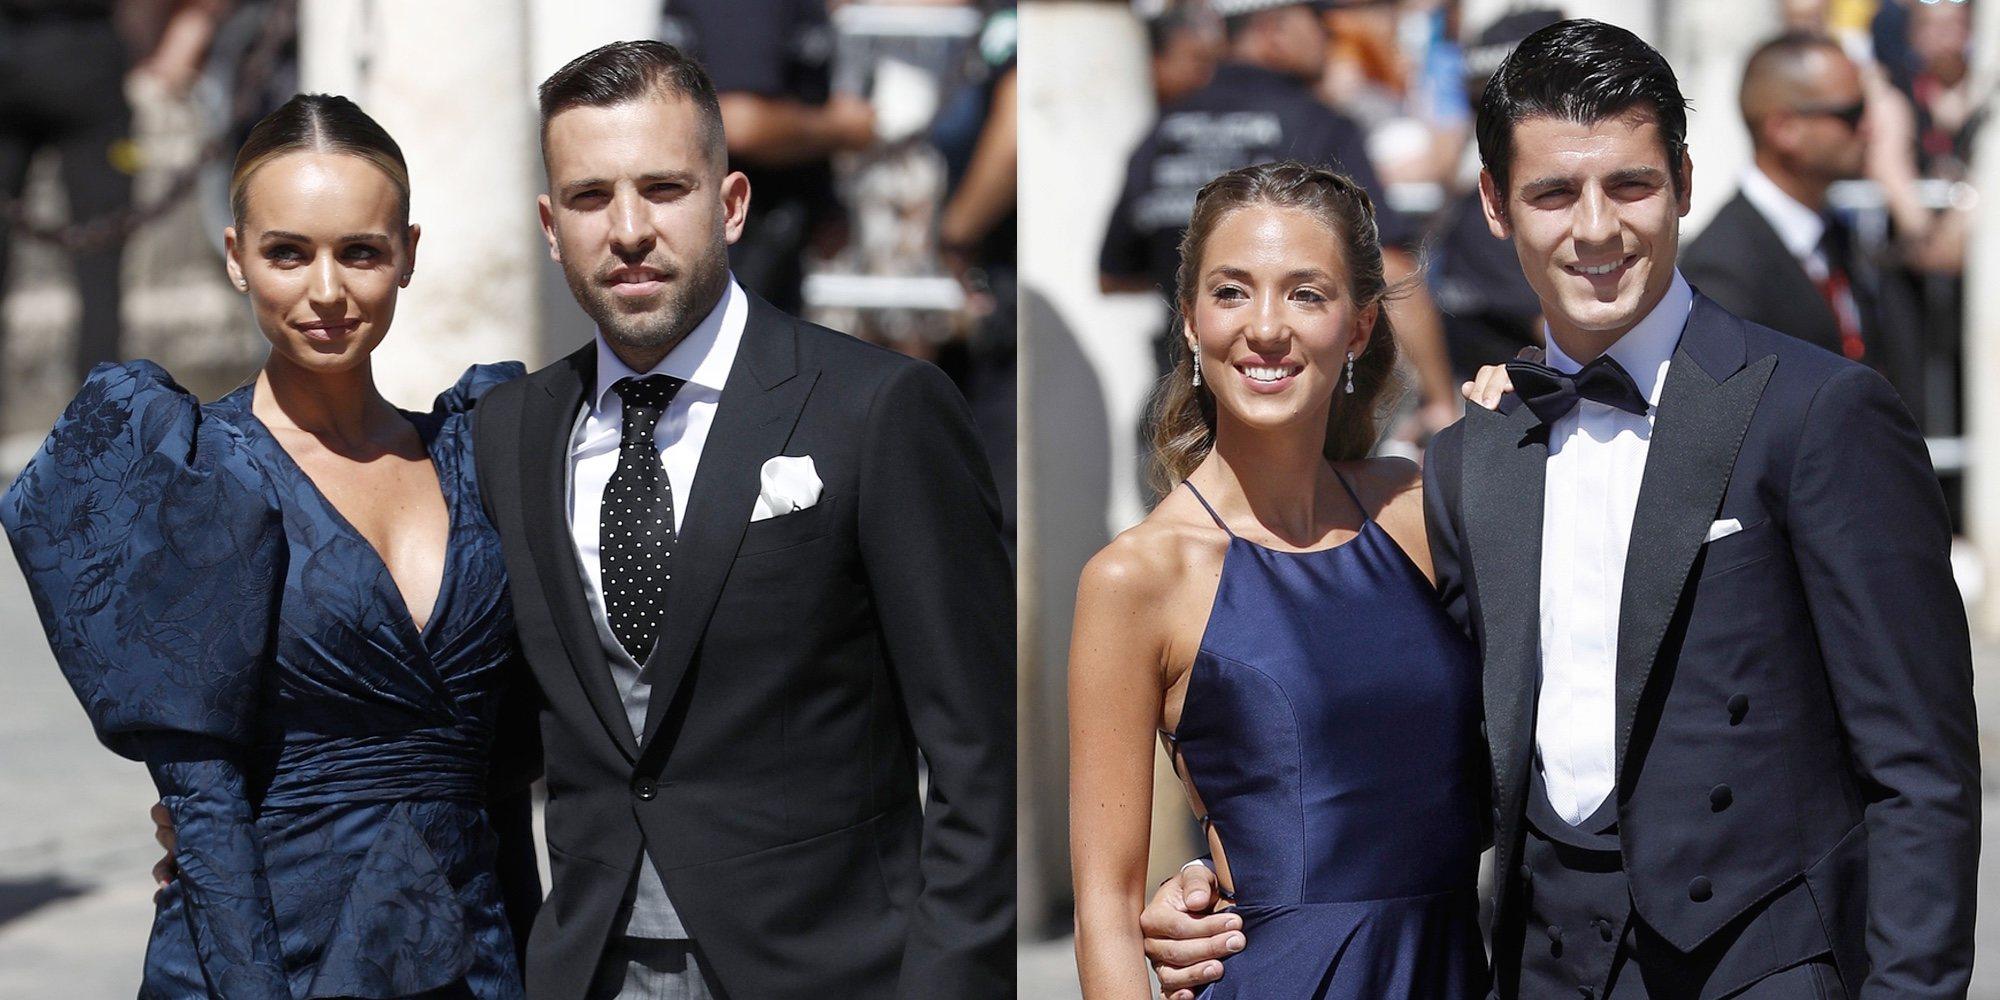 Jordi Alba y Romarey Ventura y Morata y Alice Campello, los más aclamados de la boda de Sergio Ramos y Pilar Rubio